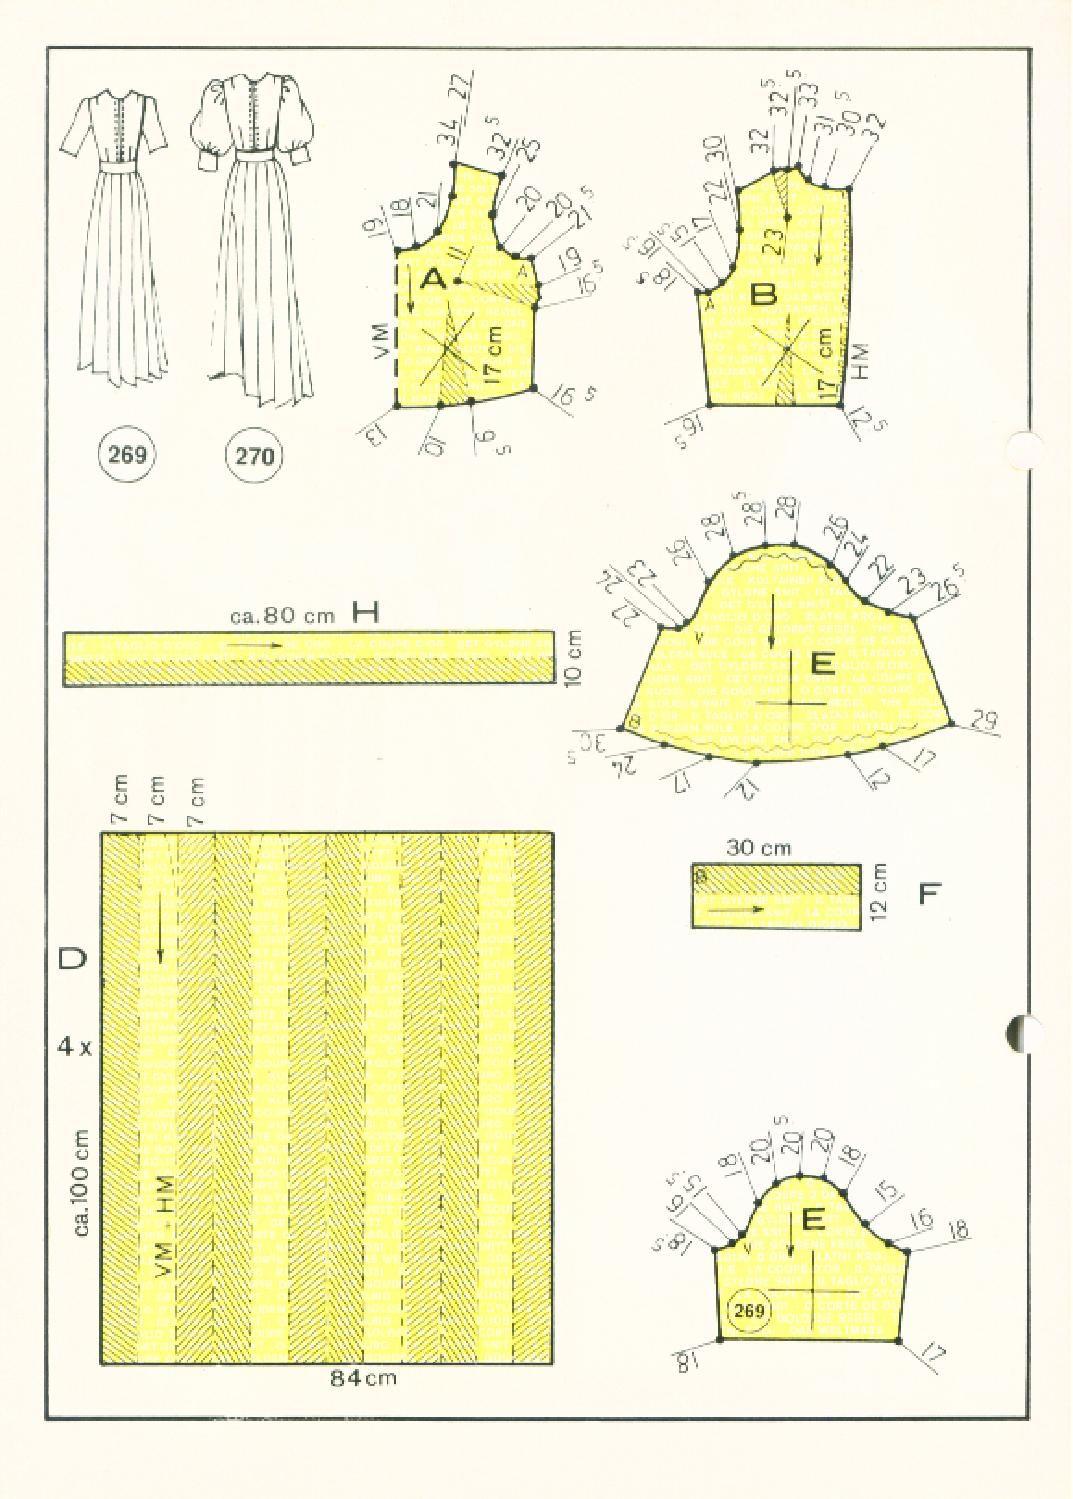 Vintage Sewing Patterns 146 autumn 1977  Patternmaking